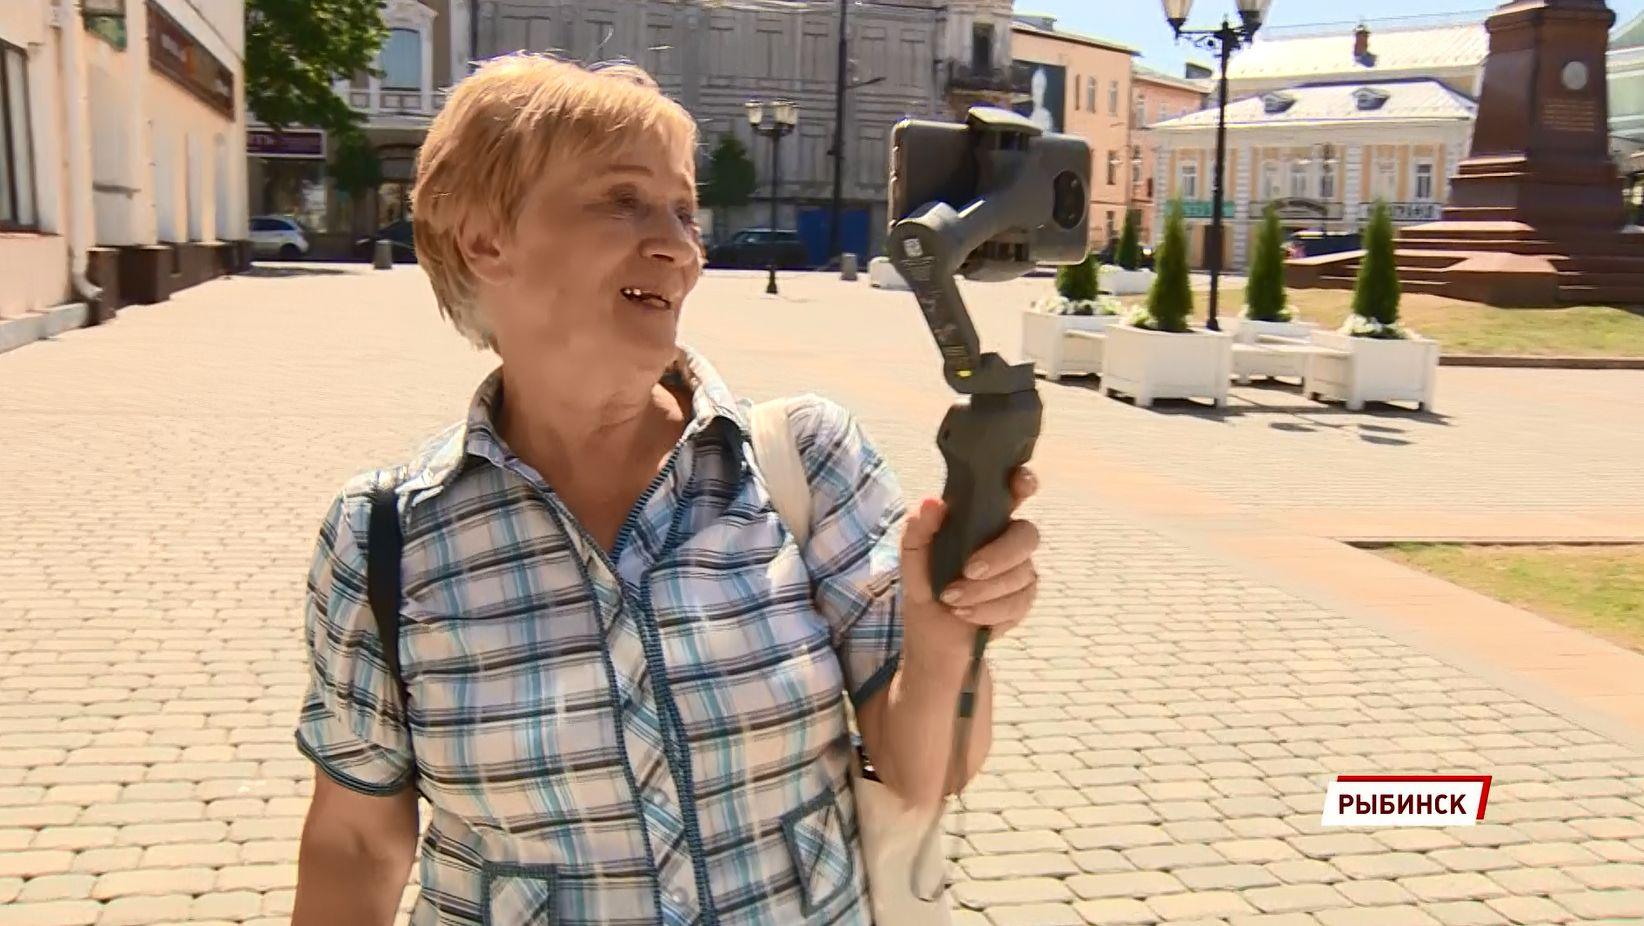 Рыбинский блогер баба Таня покоряет просторы интернета